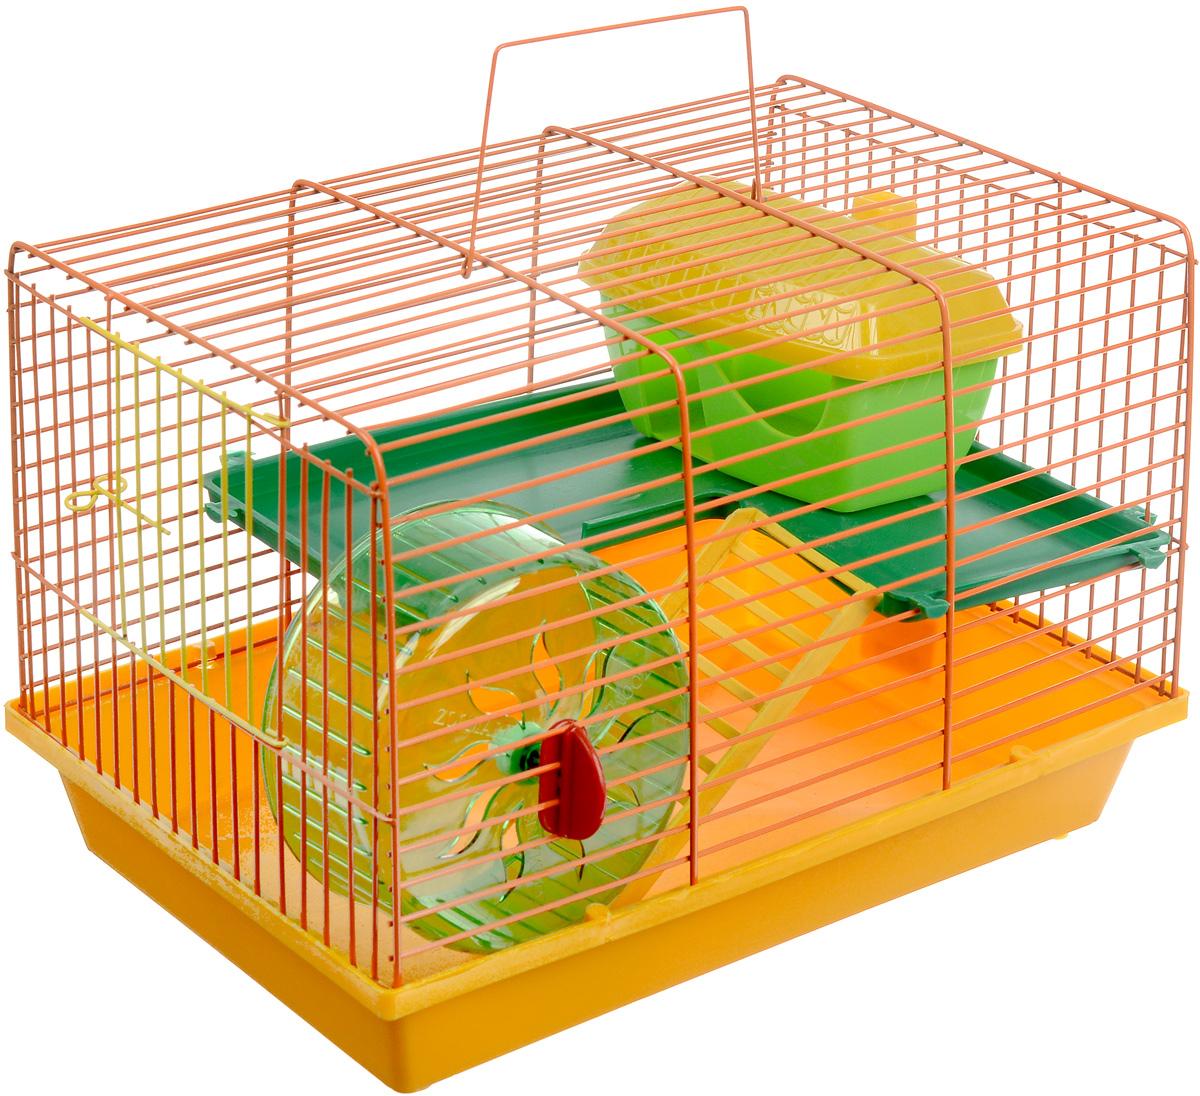 Клетка для грызунов ЗооМарк, 2-этажная, цвет: желтый поддон, оранжевая решетка, зеленый этаж, 36 х 23 х 24 см0120710Клетка ЗооМарк, выполненная из полипропилена и металла, подходит для мелких грызунов. Изделие двухэтажное, оборудовано колесом для подвижных игр и пластиковым домиком. Клетка имеет яркий поддон, удобна в использовании и легко чистится. Сверху имеется ручка для переноски. Такая клетка станет уединенным личным пространством и уютным домиком для маленького грызуна.